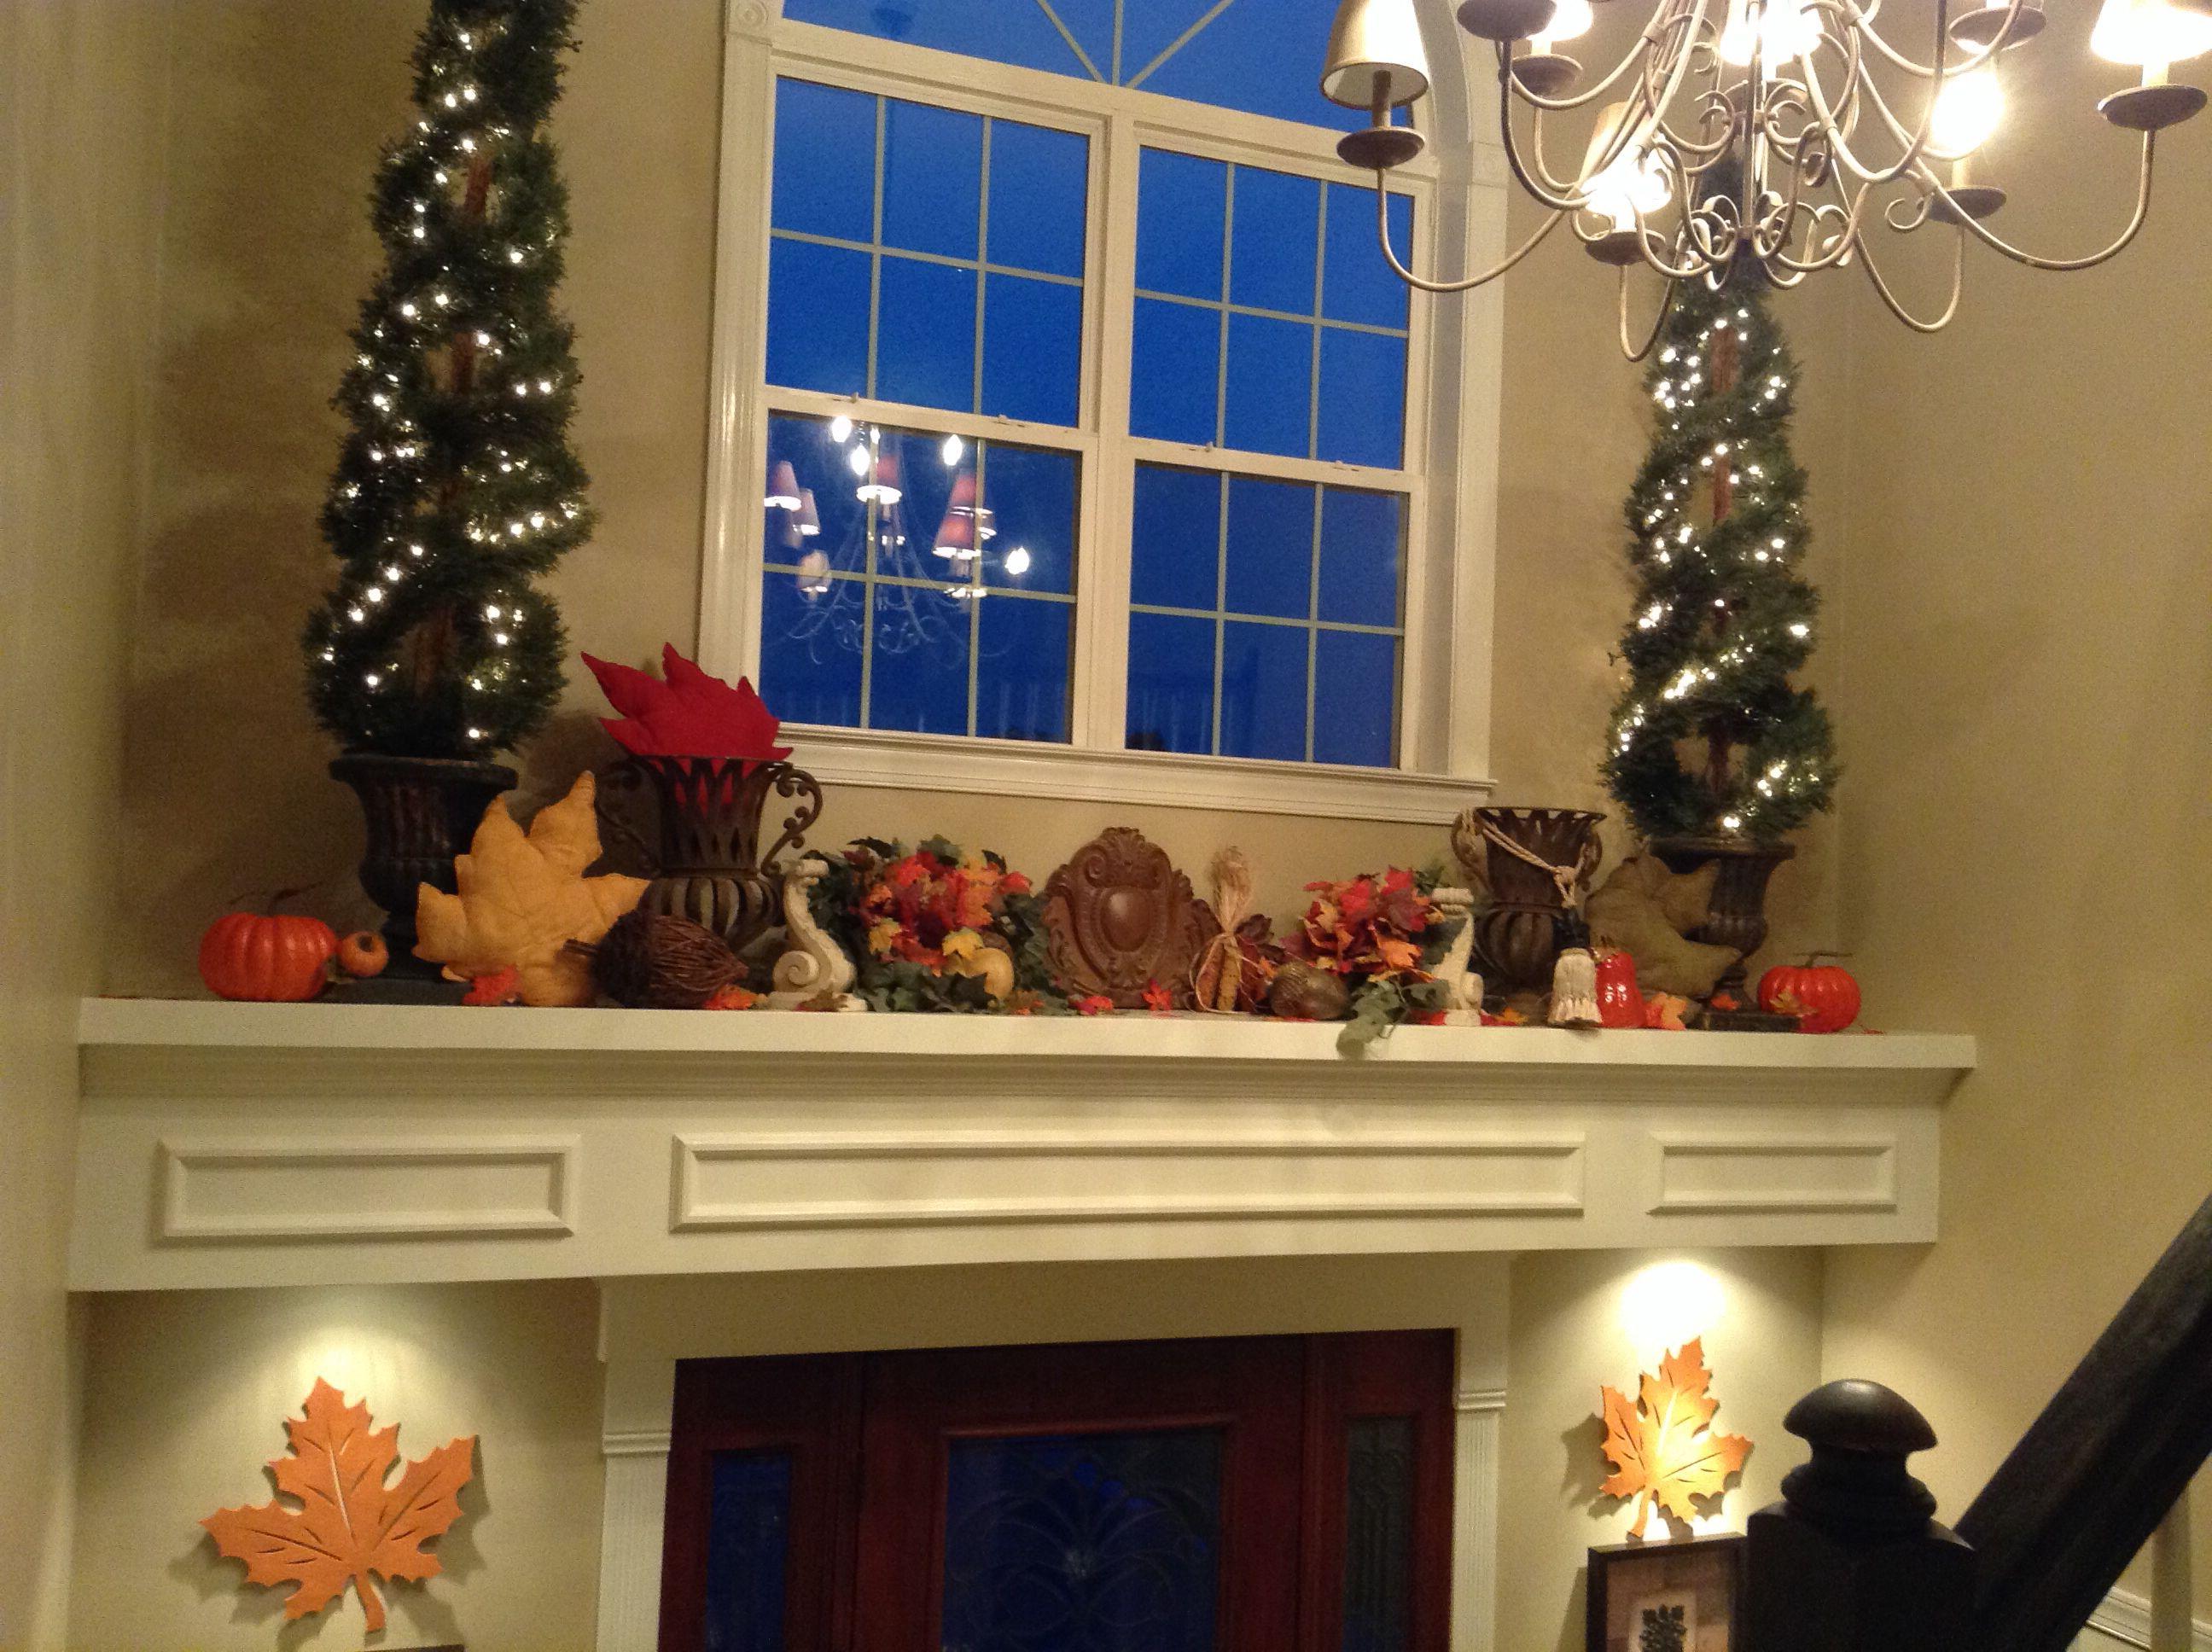 2014 Fall Foyer Ledge Foyer Decorating Ledge Decor Entry Decor